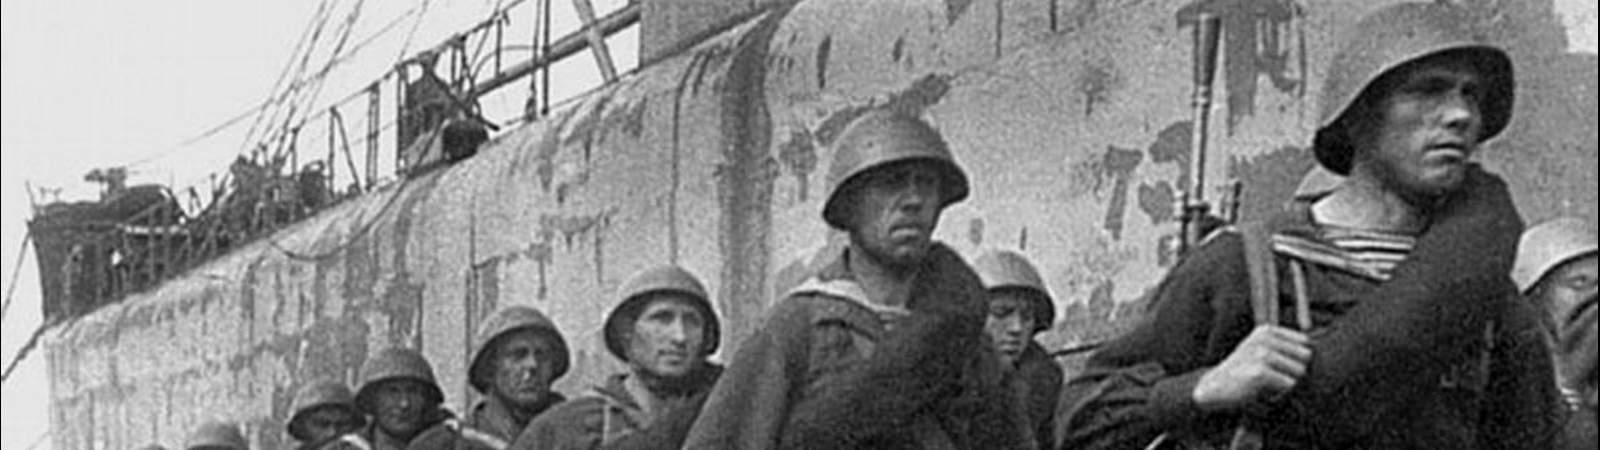 Солдаты на передовую